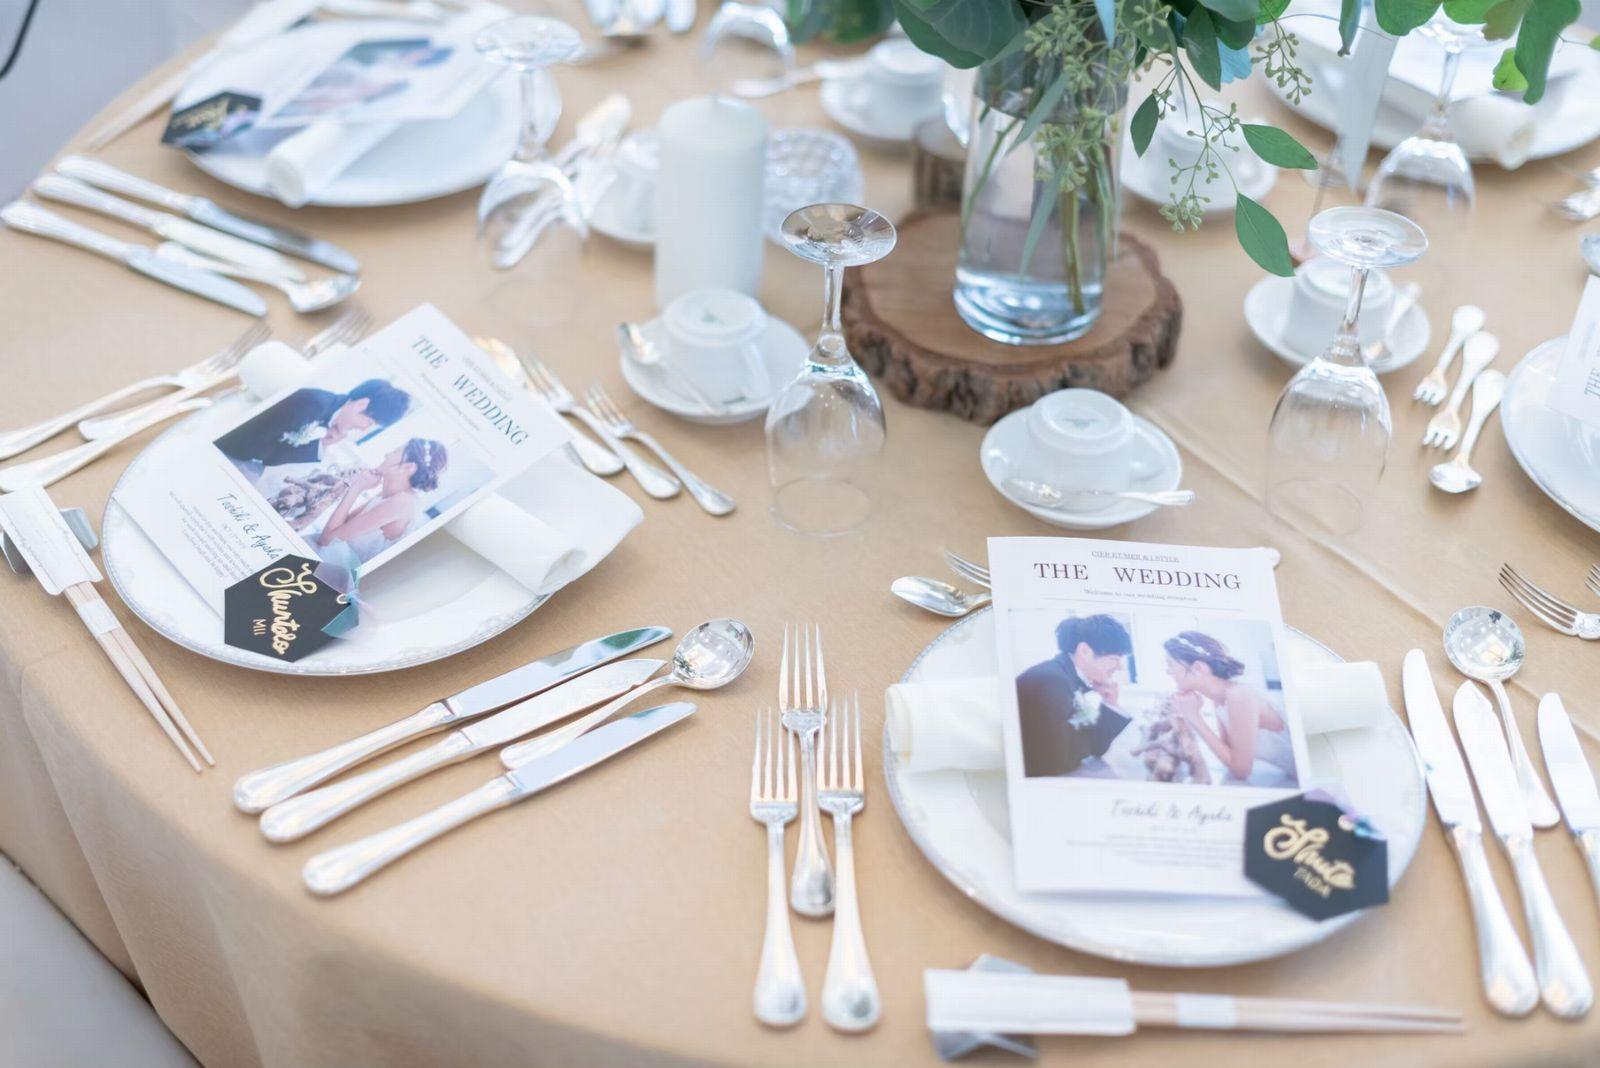 香川県の結婚式場シェルエメール&アイスタイルの会場コーディネート